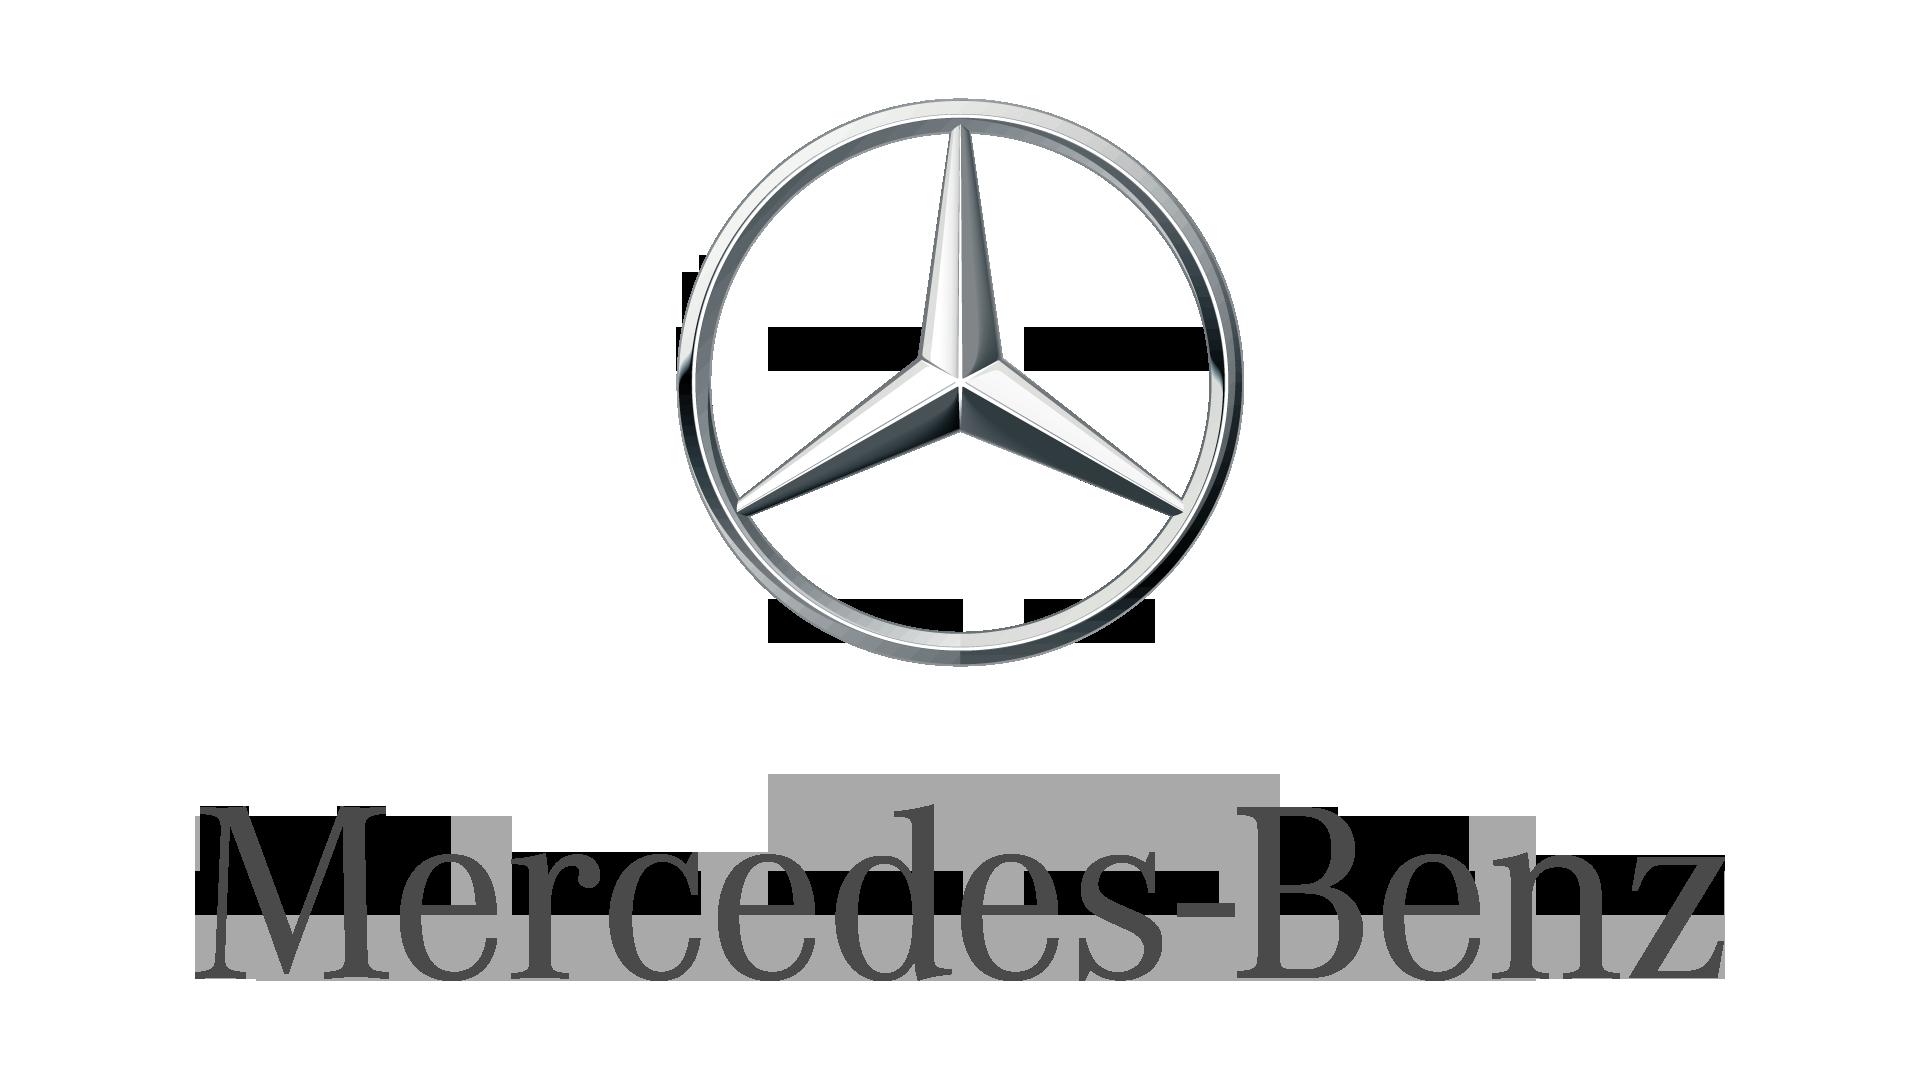 Bảng giá Mercedes-Benz | Đại diện bán hàng của Mercedes-Benz Vietnam